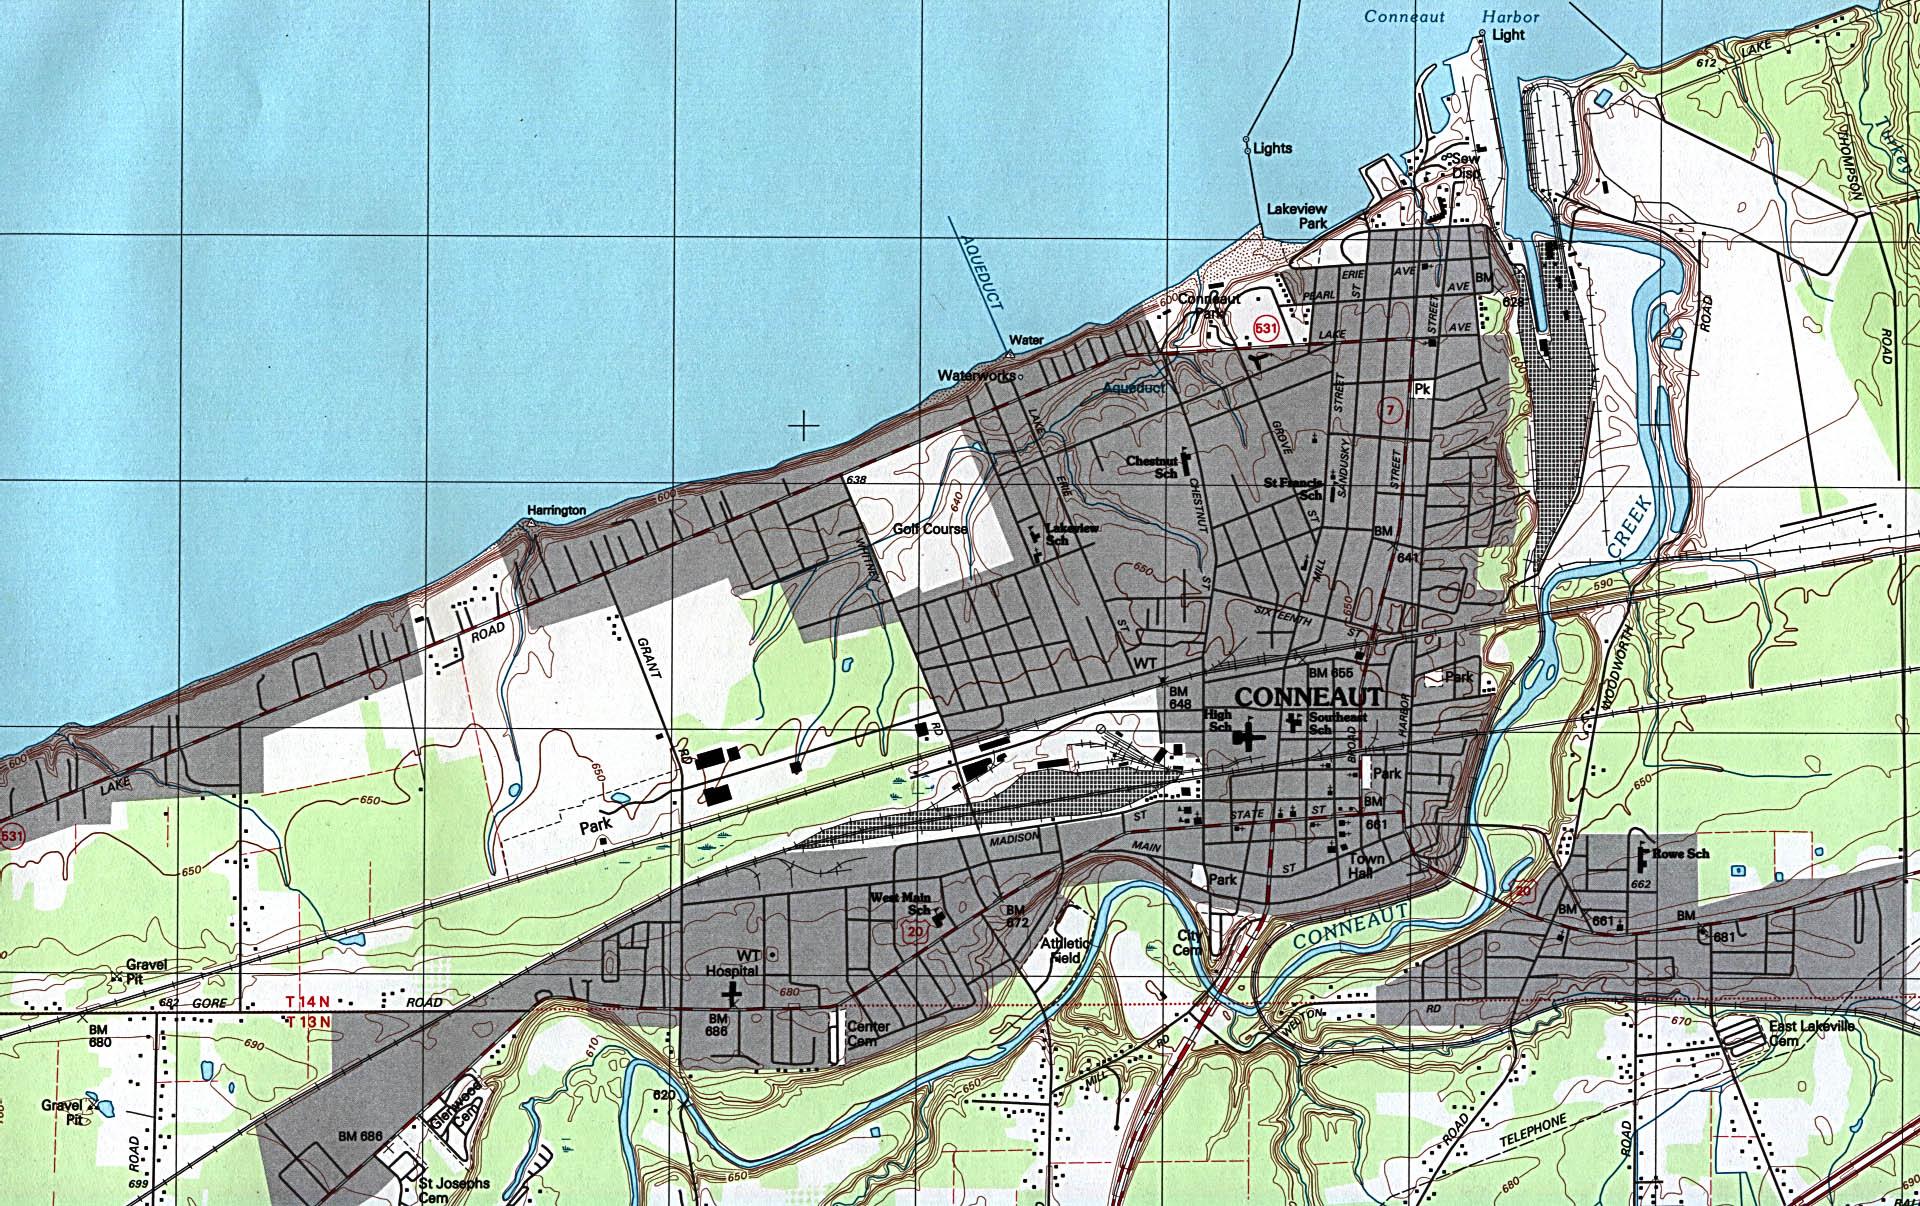 Mapa Topográfico de la Ciudad de Conneaut, Ohio, Estados Unidos